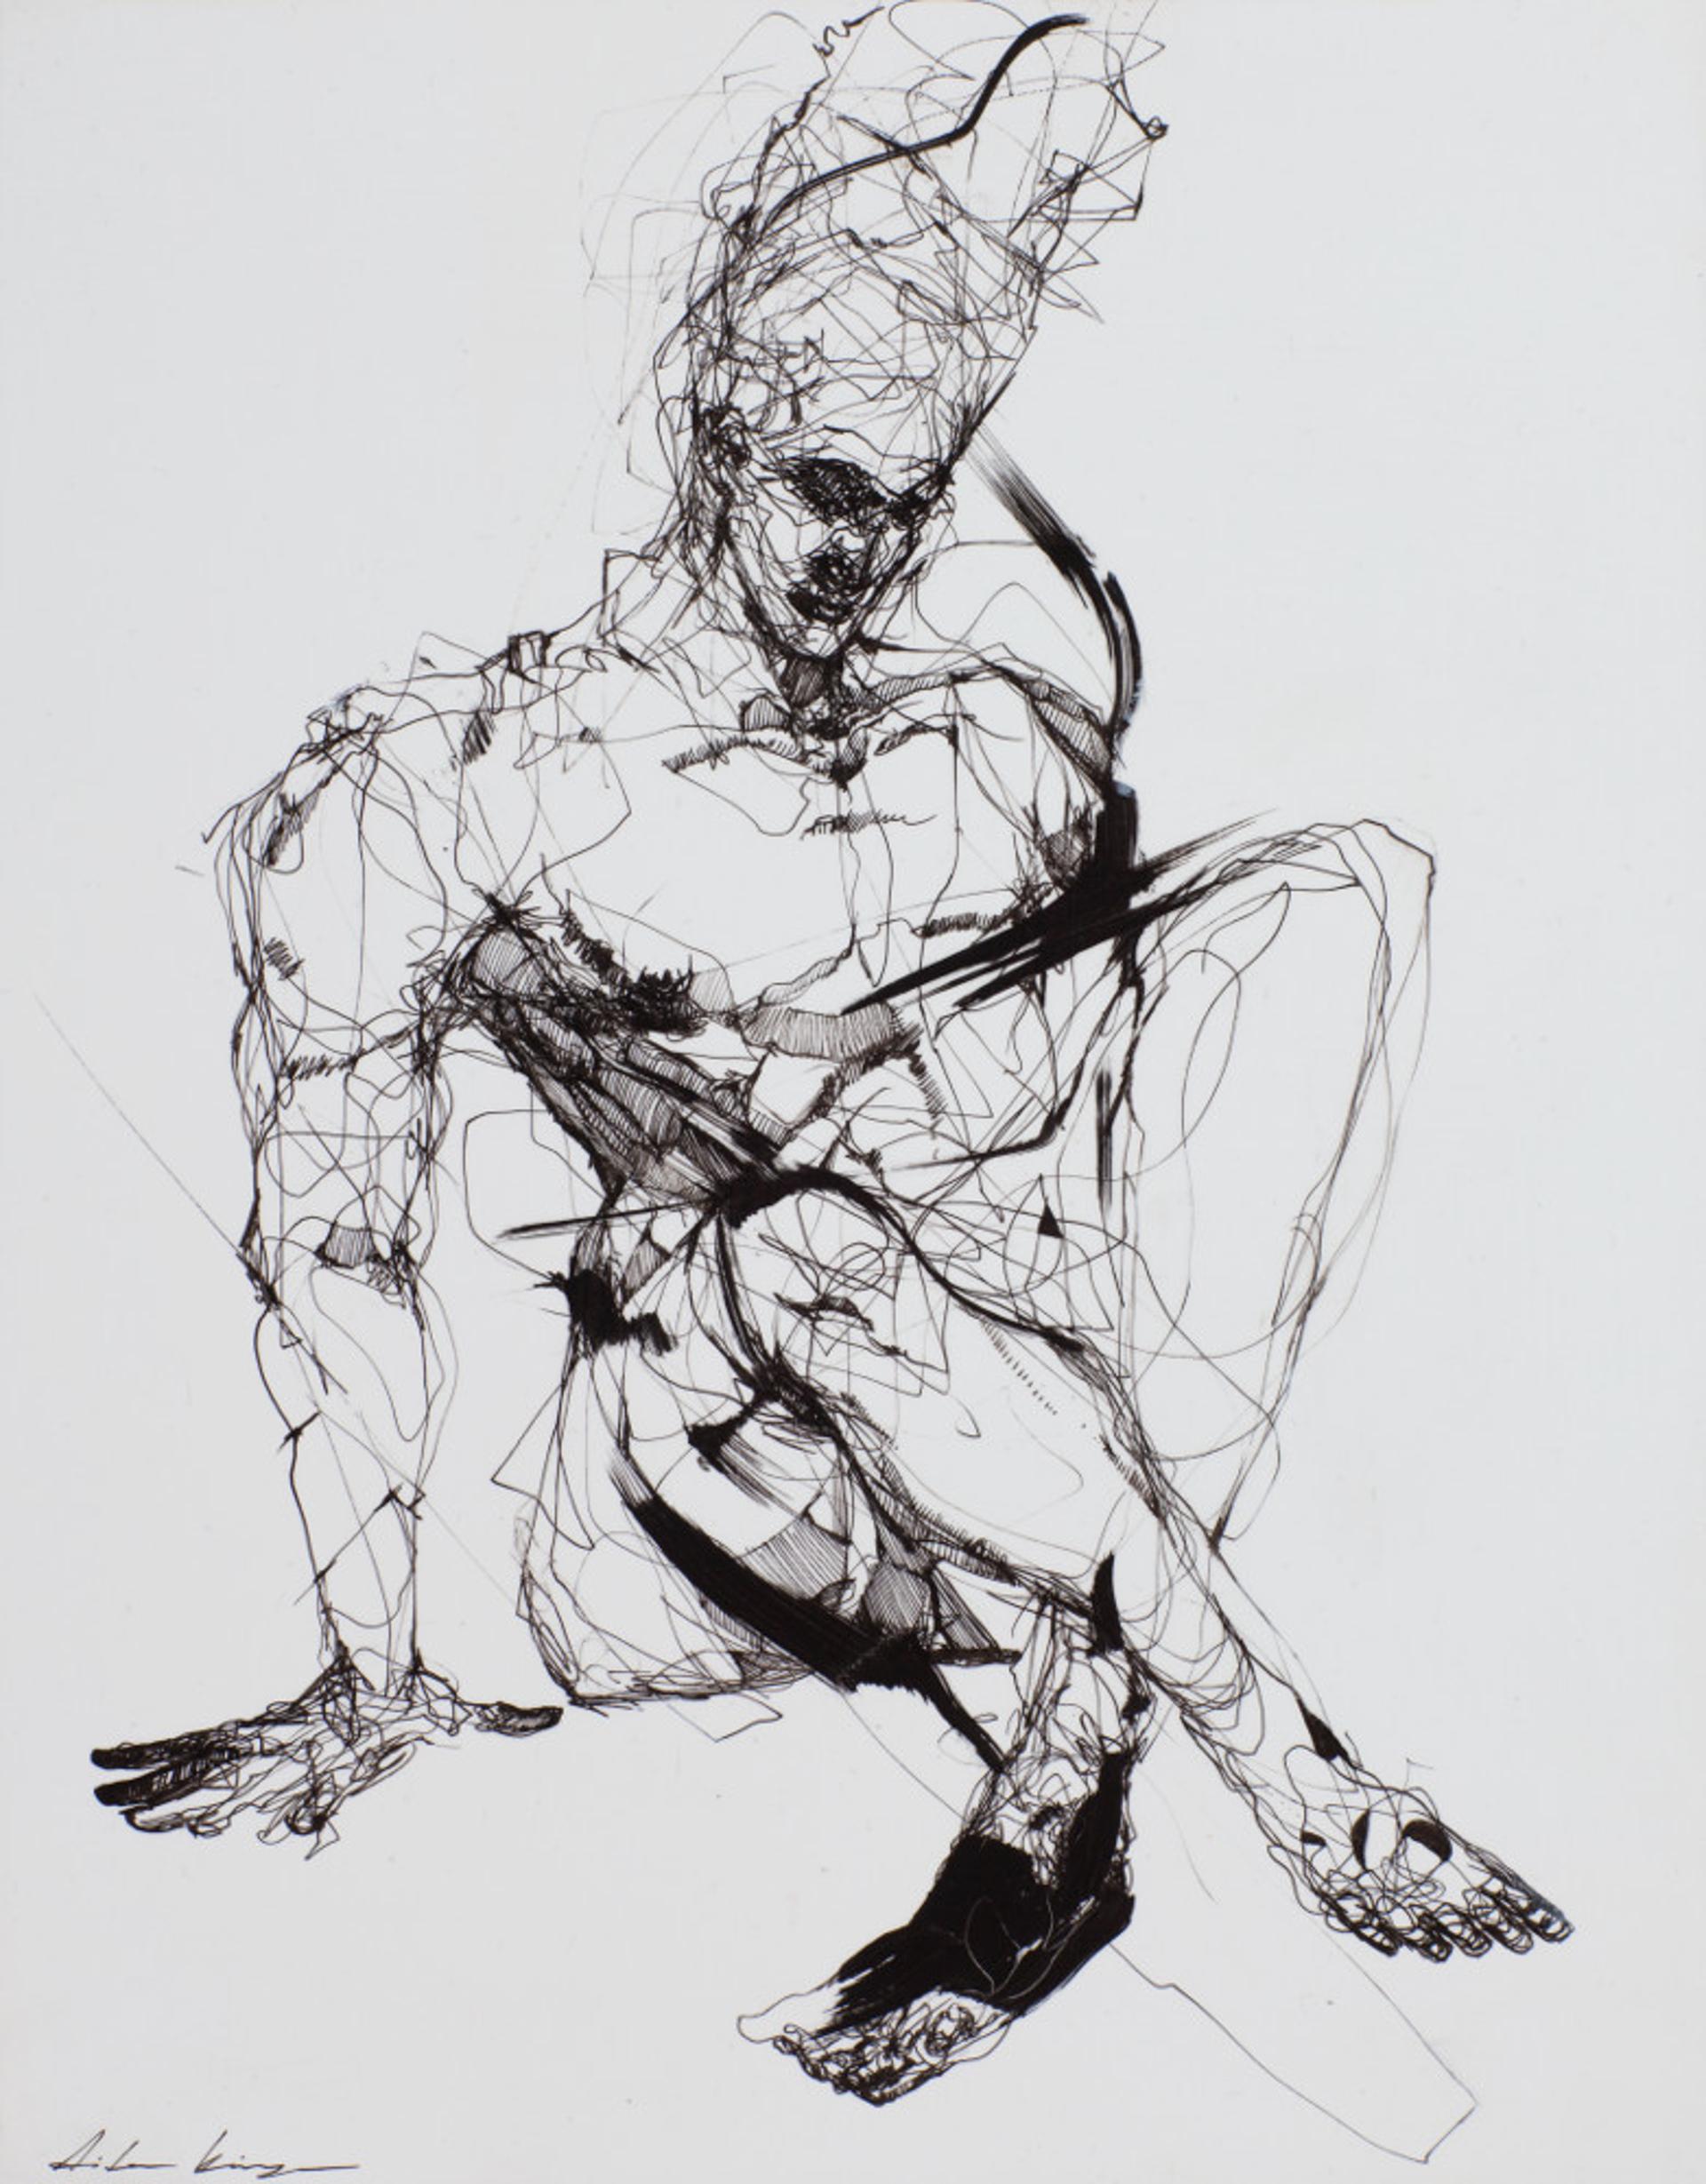 Repose by Aiden Kringen